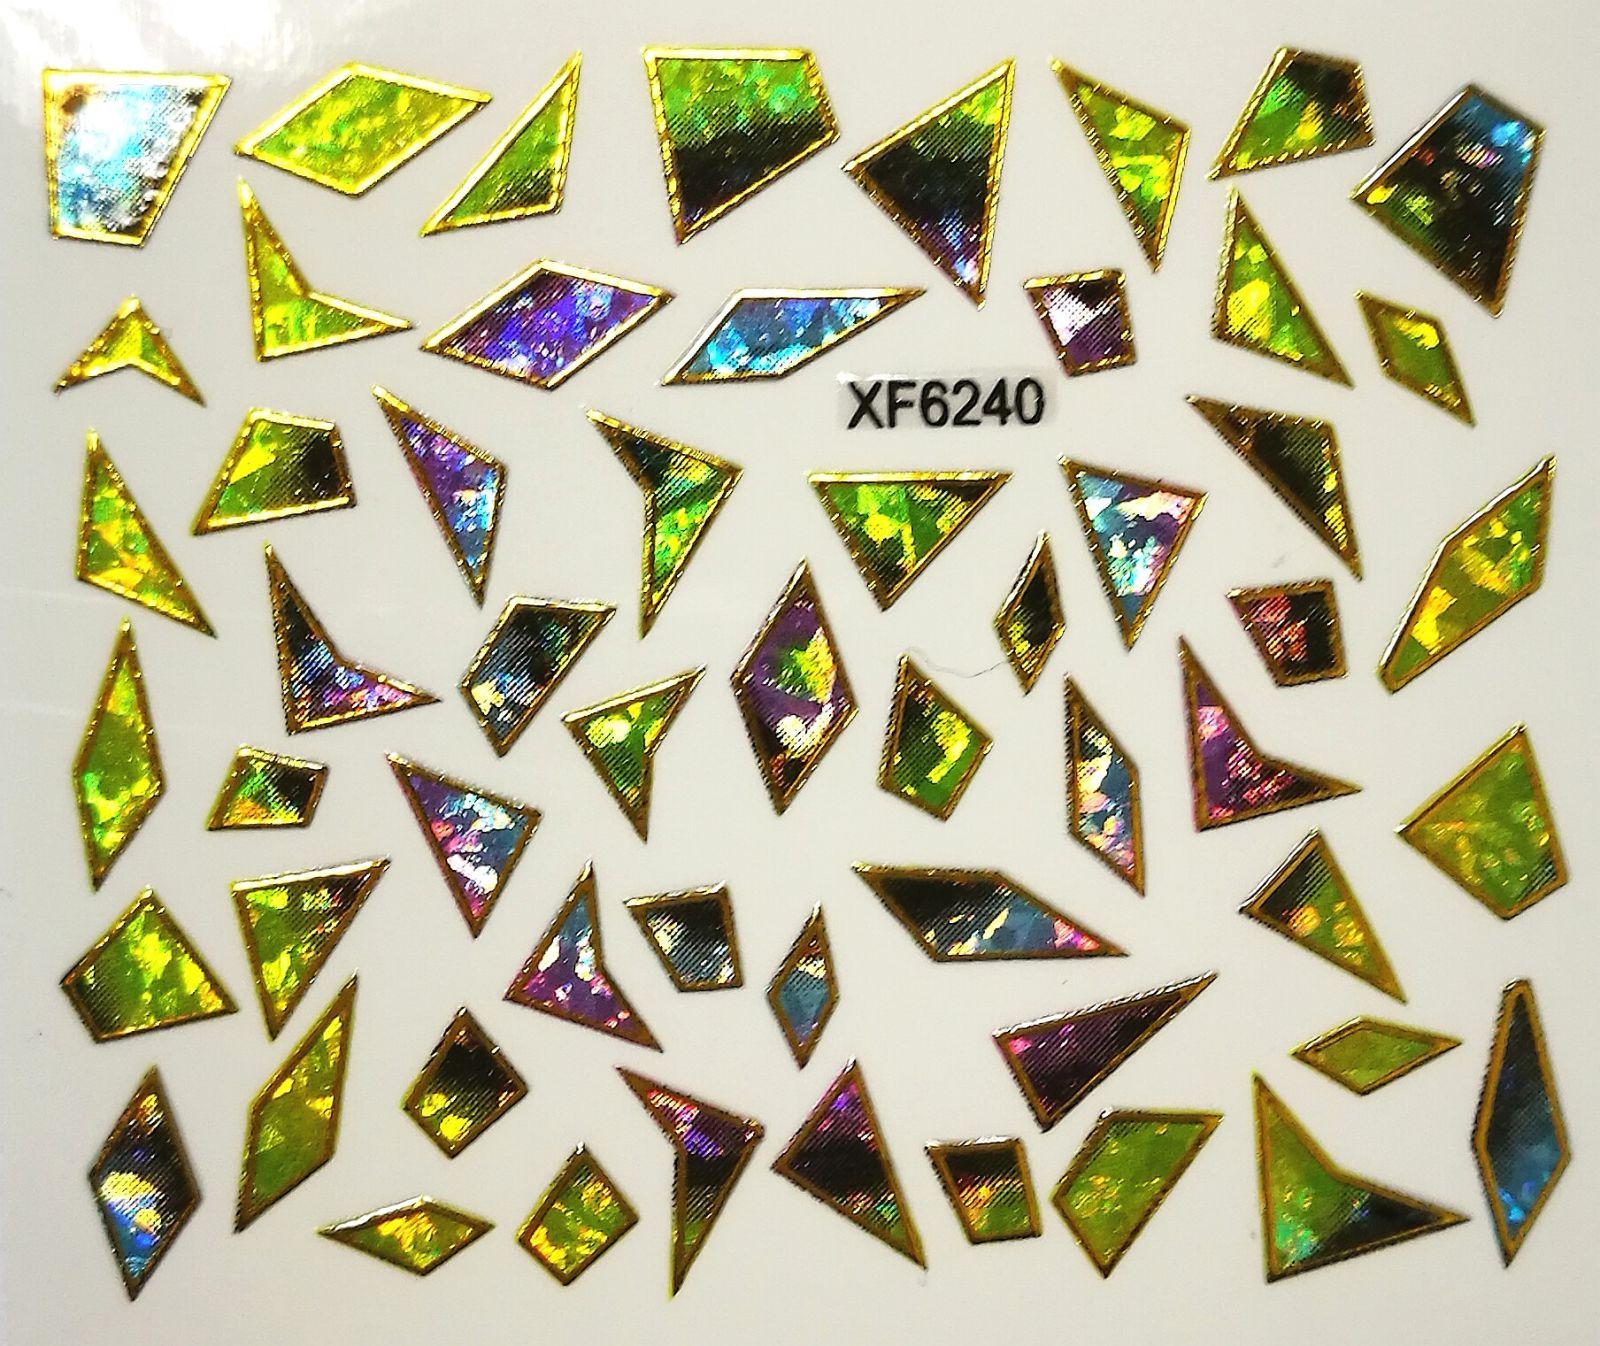 Foil Glass stickers - XF6240